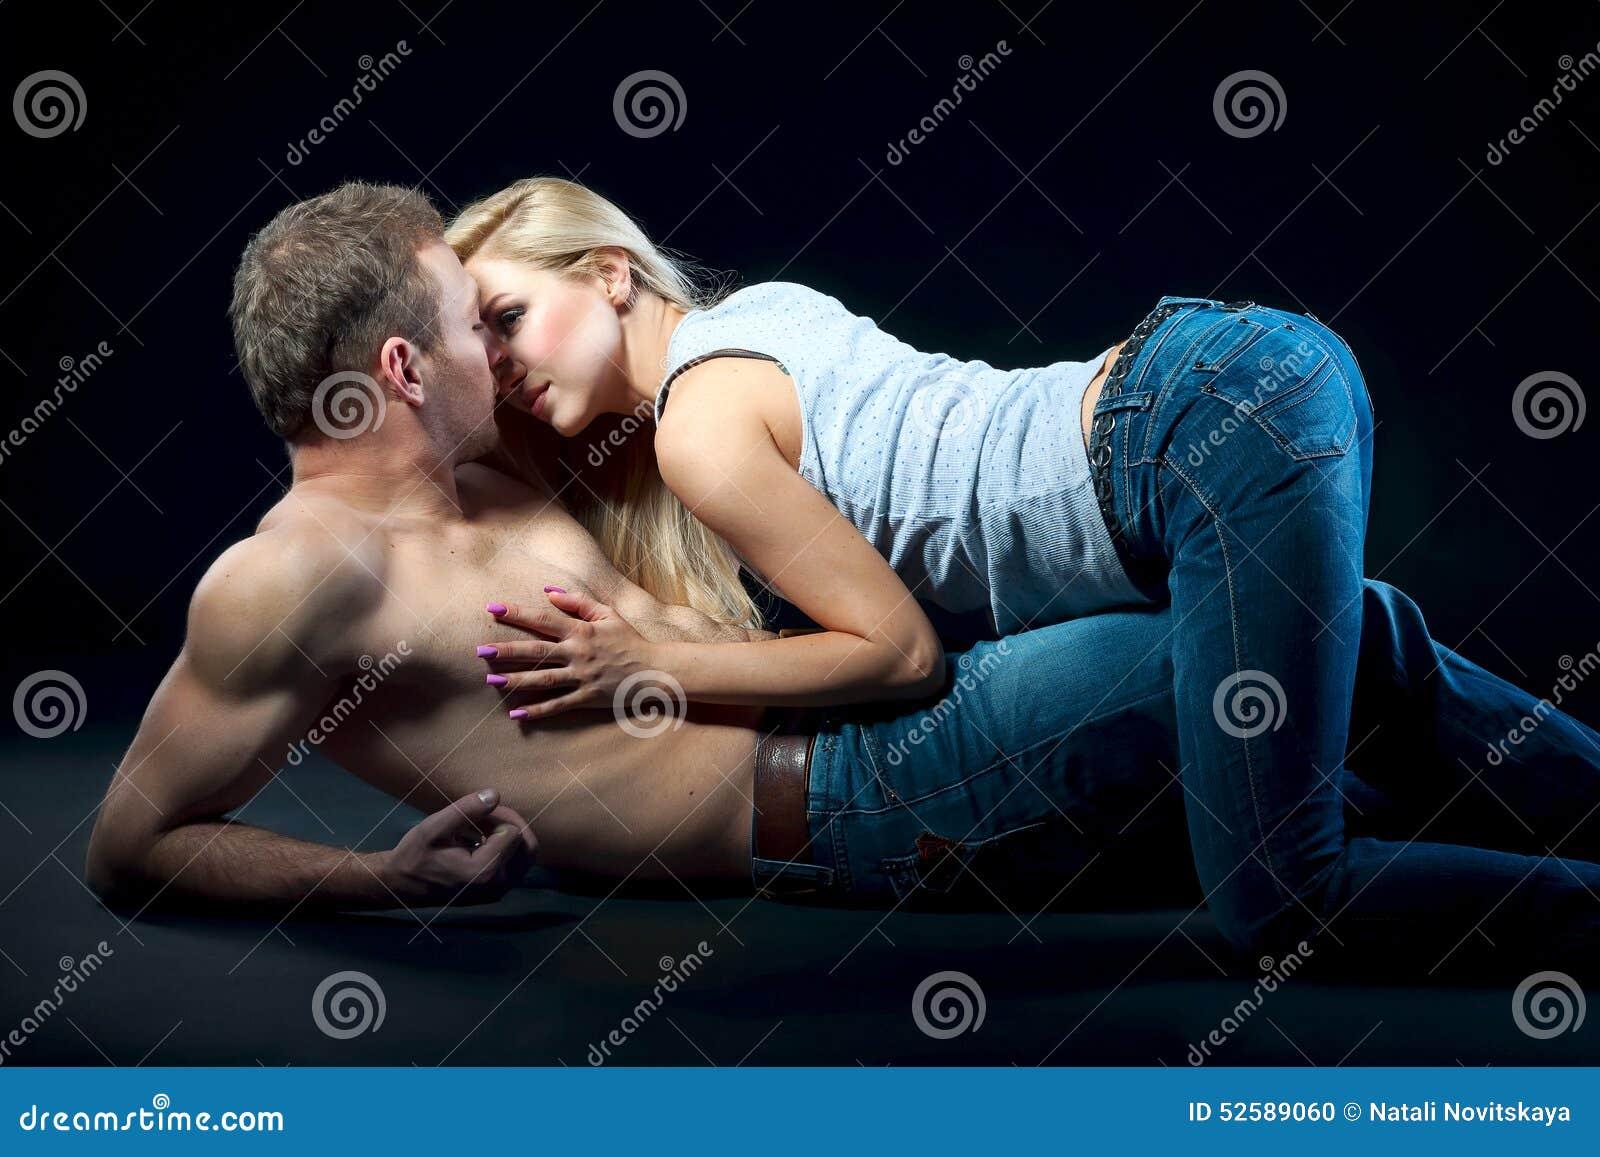 girl hand on eye naked man